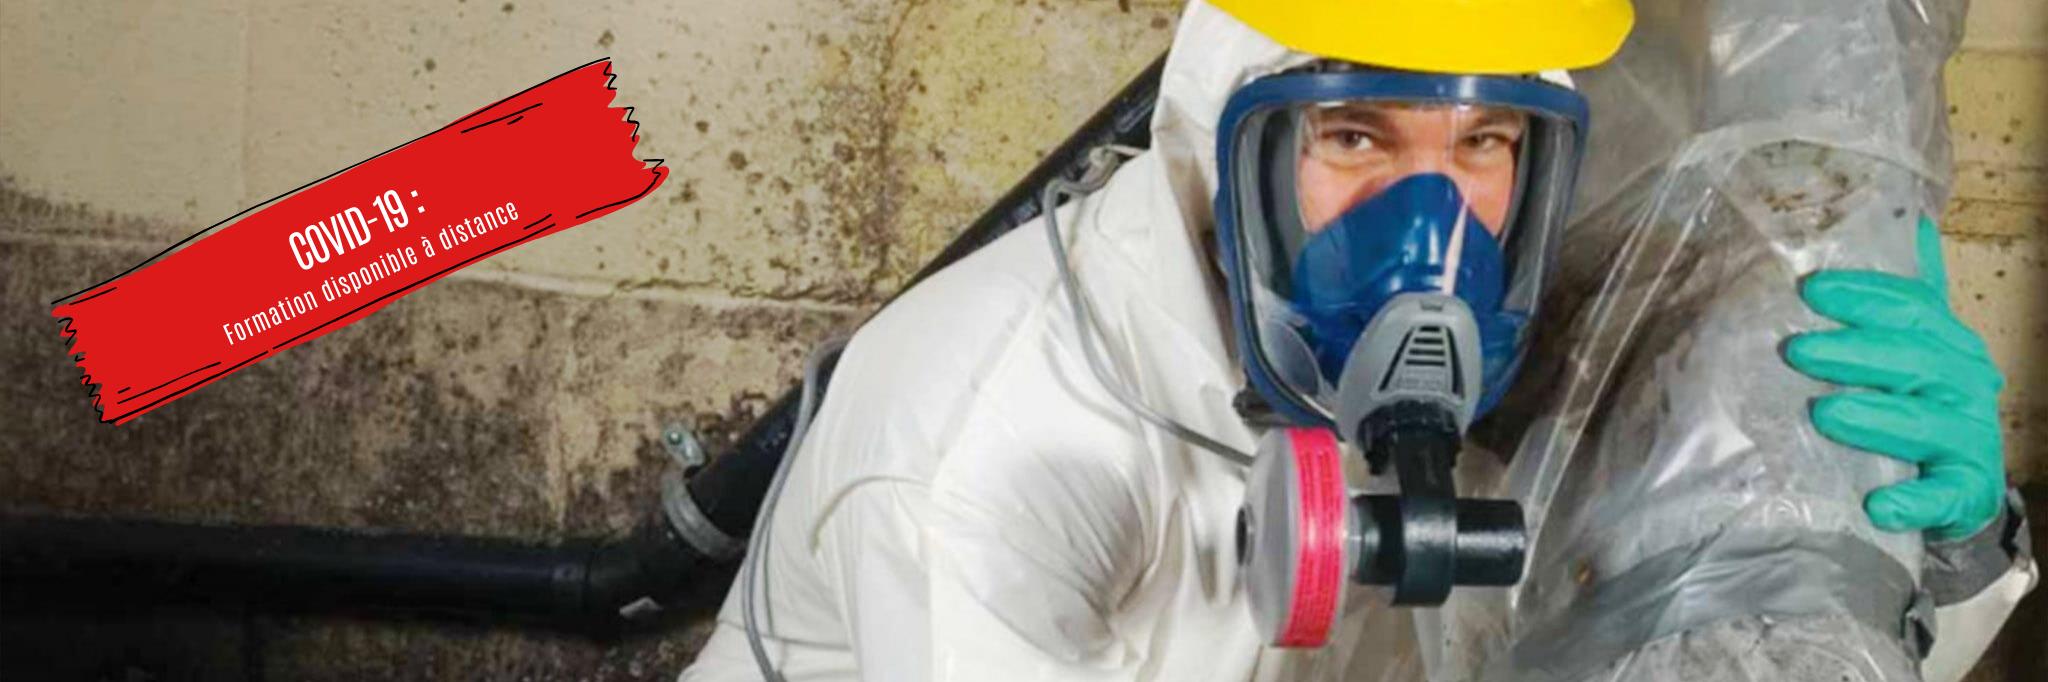 Travaux sécuritaires de décontamination ou de construction en présence d'amiante